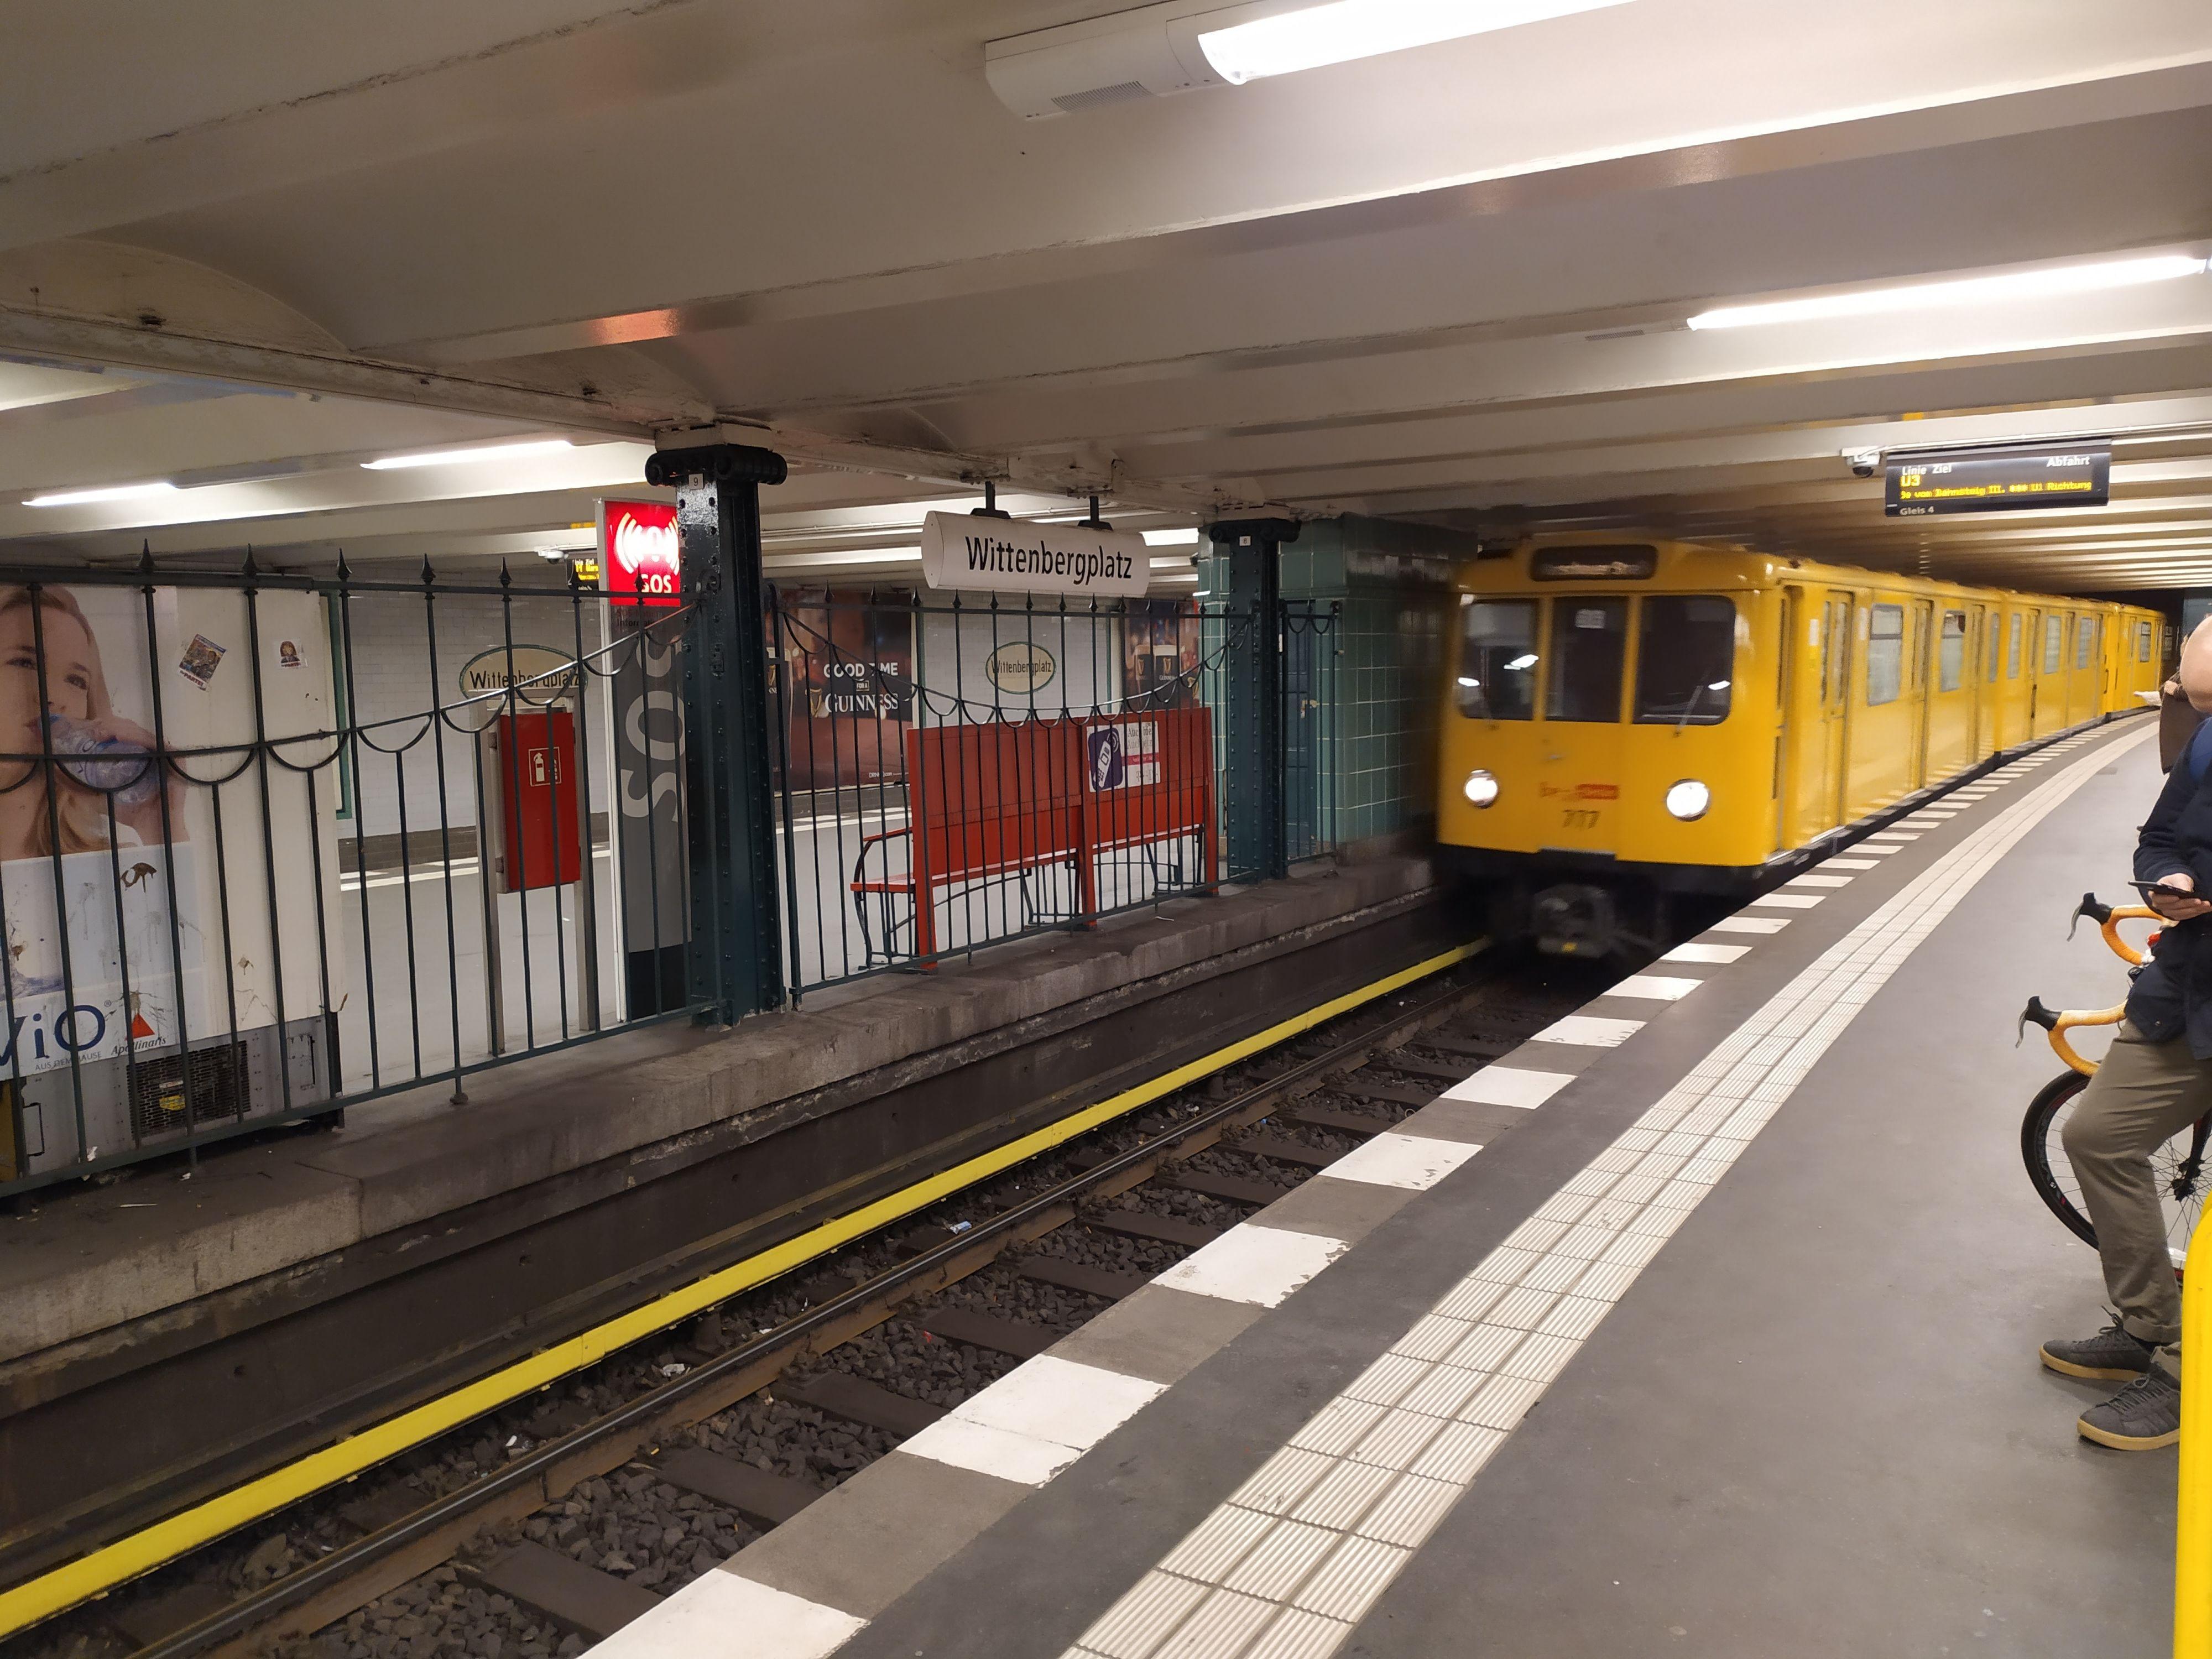 Mye bevegelse i vanskelig lys er den ikke glad i - tog i t-banetunnel ville vært en vanskelig øvelse også for dyrere telefoner.